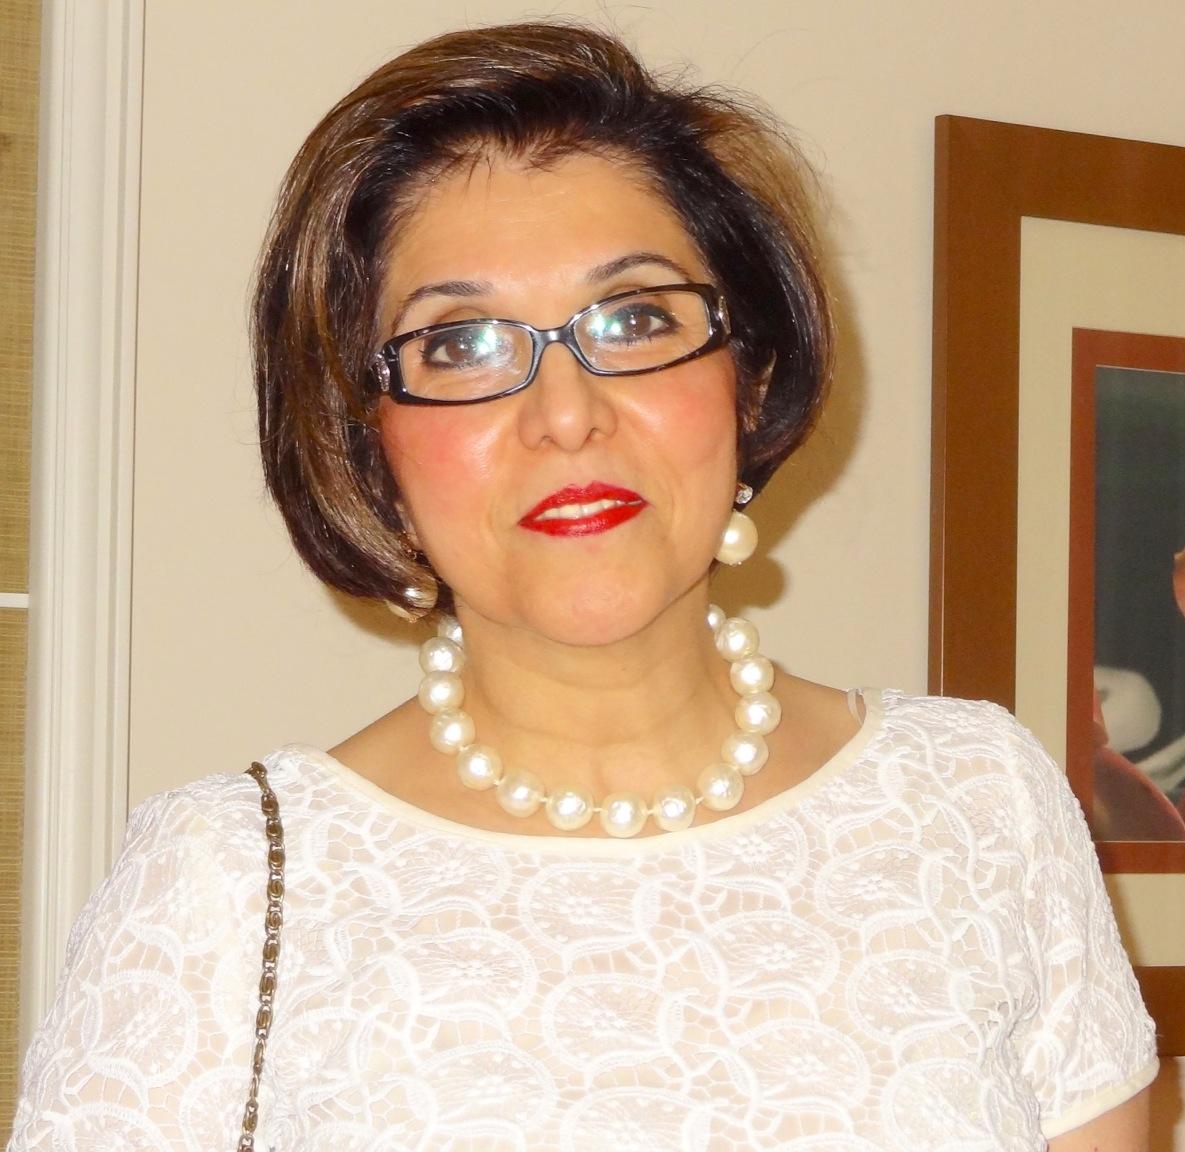 Dr. Nooshin Nikki Medghalchy